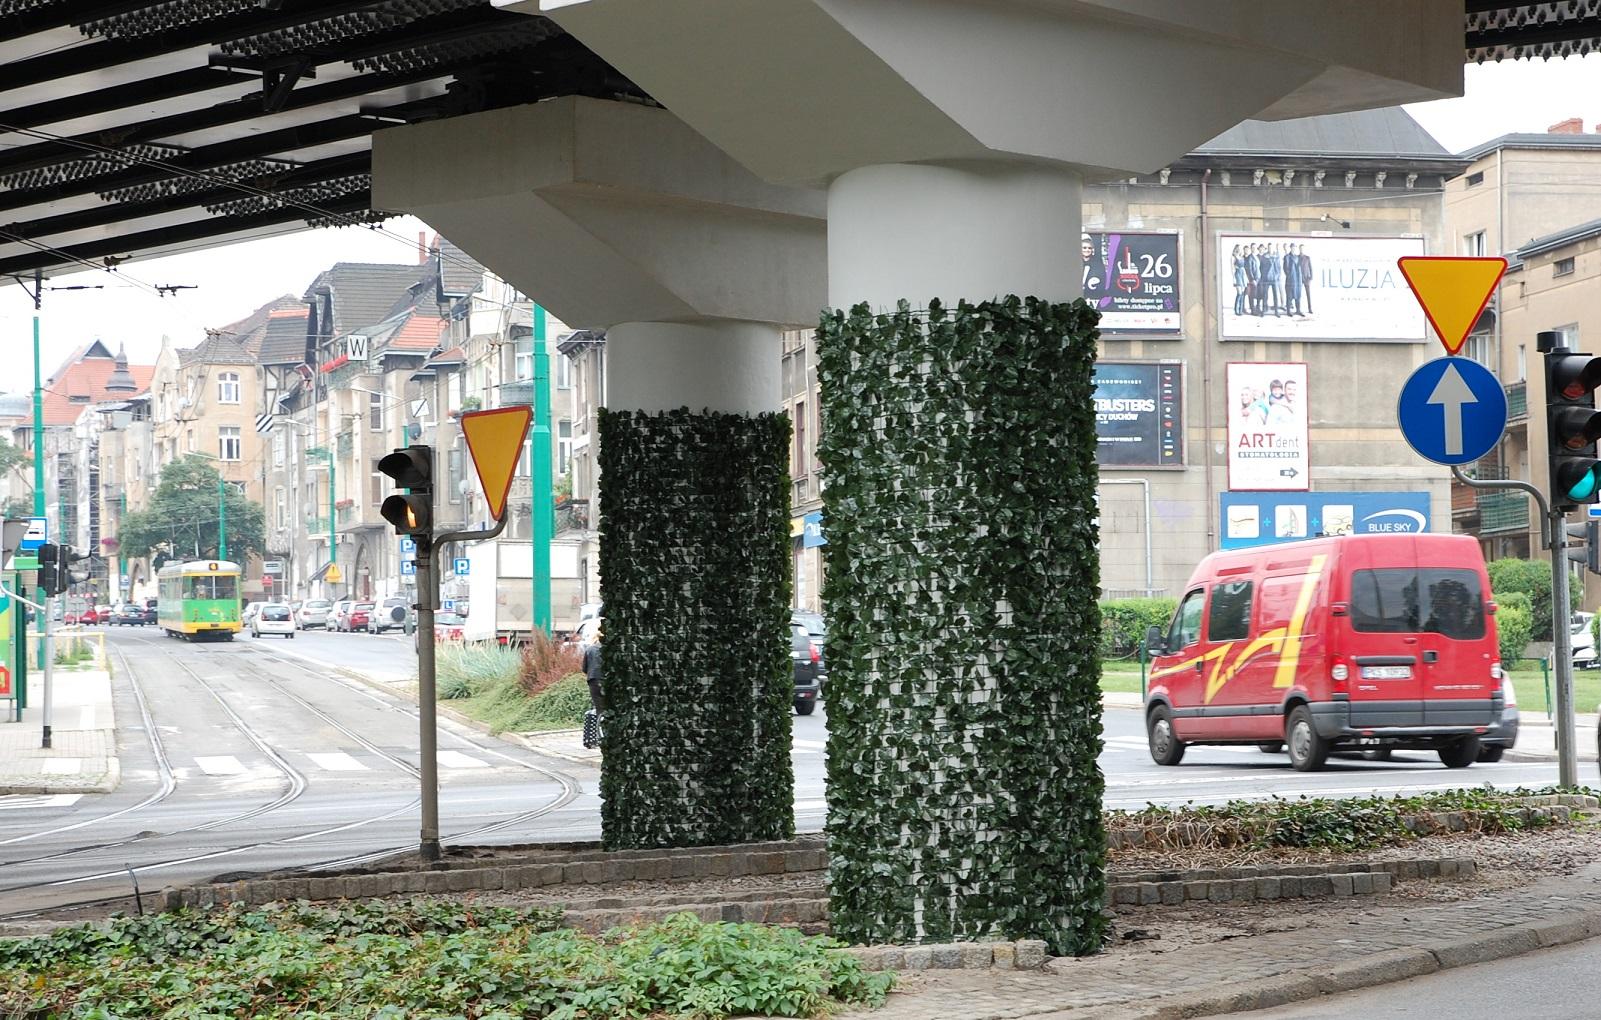 Roślinność jest sztuczna, bo, jak podkreślił ZTM, naturalny bluszcz nie utrzymałby się zbyt długo ze względu na warunki atmosferyczne (fot. poznan.pl)